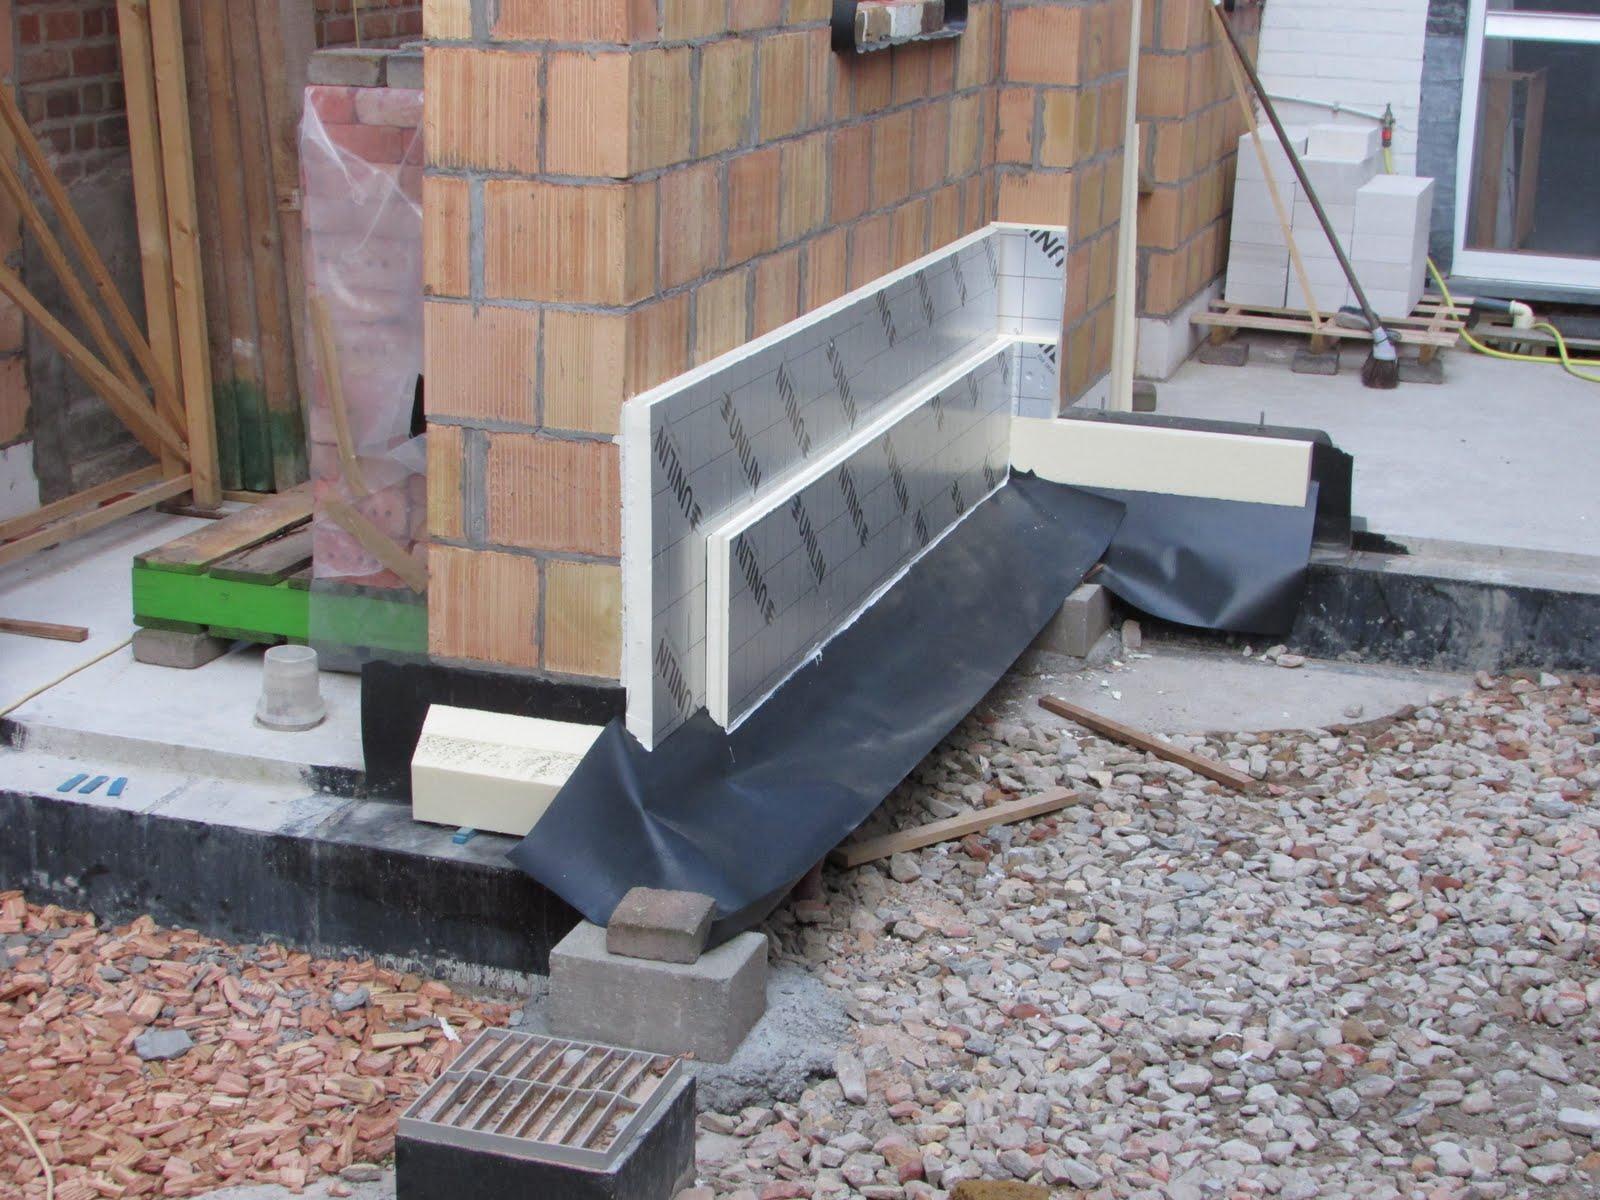 Verbouwing van ons ouderlijk huis ruwbouw uitbreiding 22 - Uitbreiding stenen huis ...